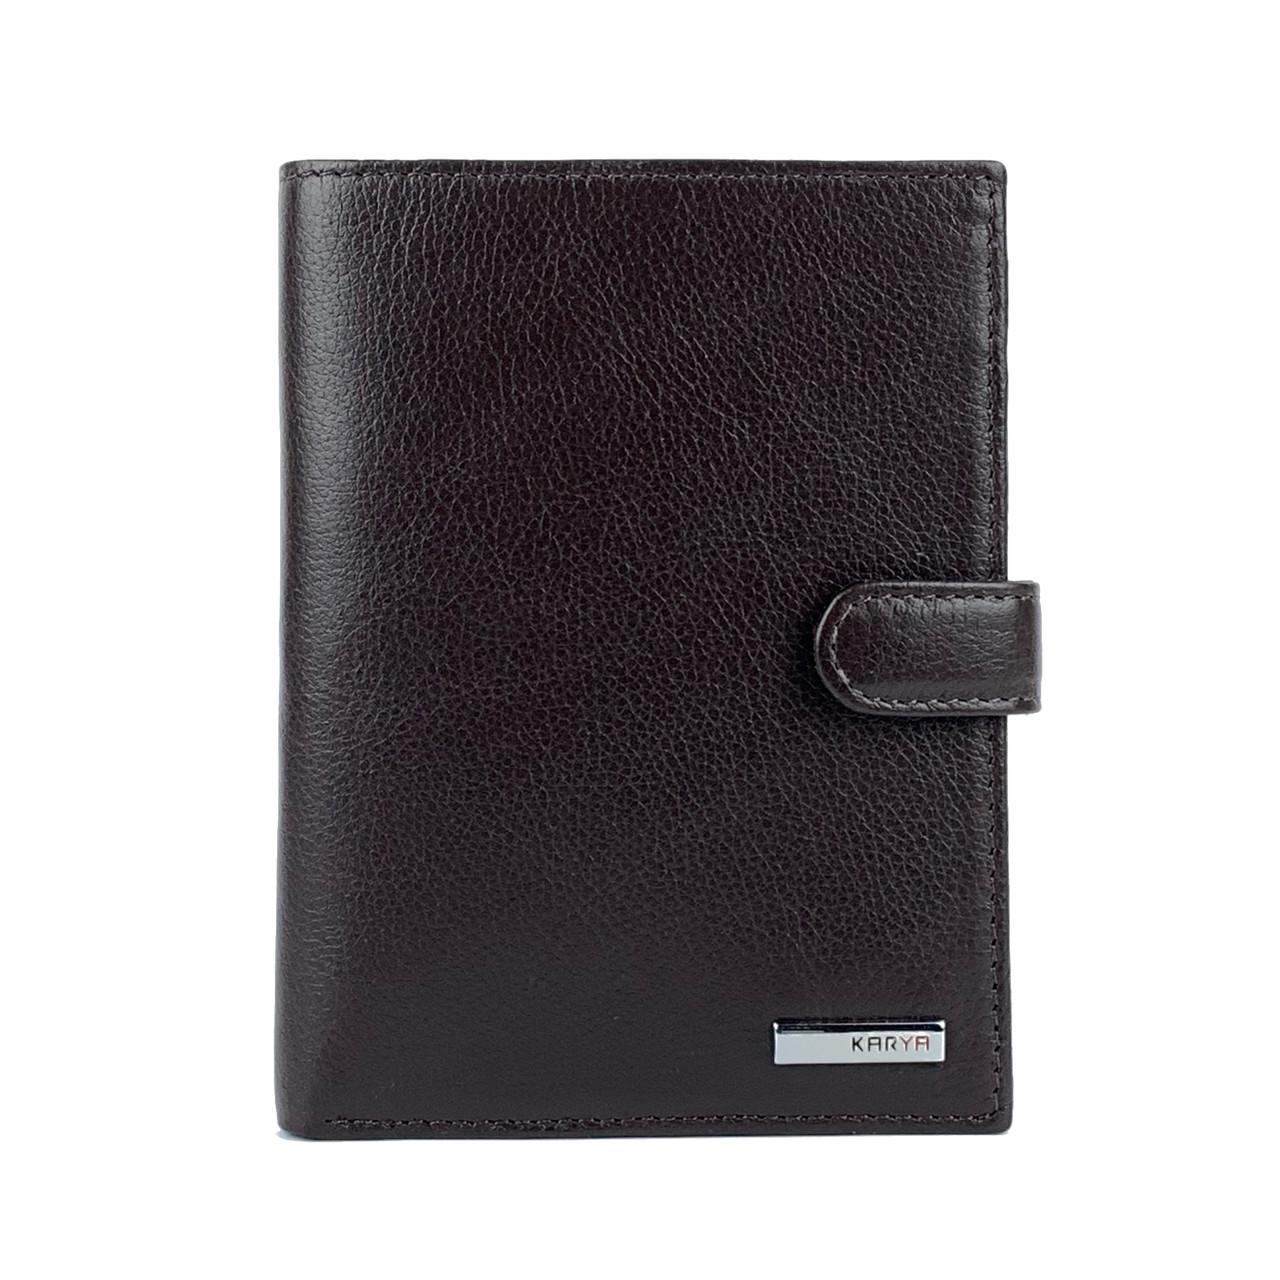 Мужское портмоне для водительских документов кожаное коричневое Karya 0914-39